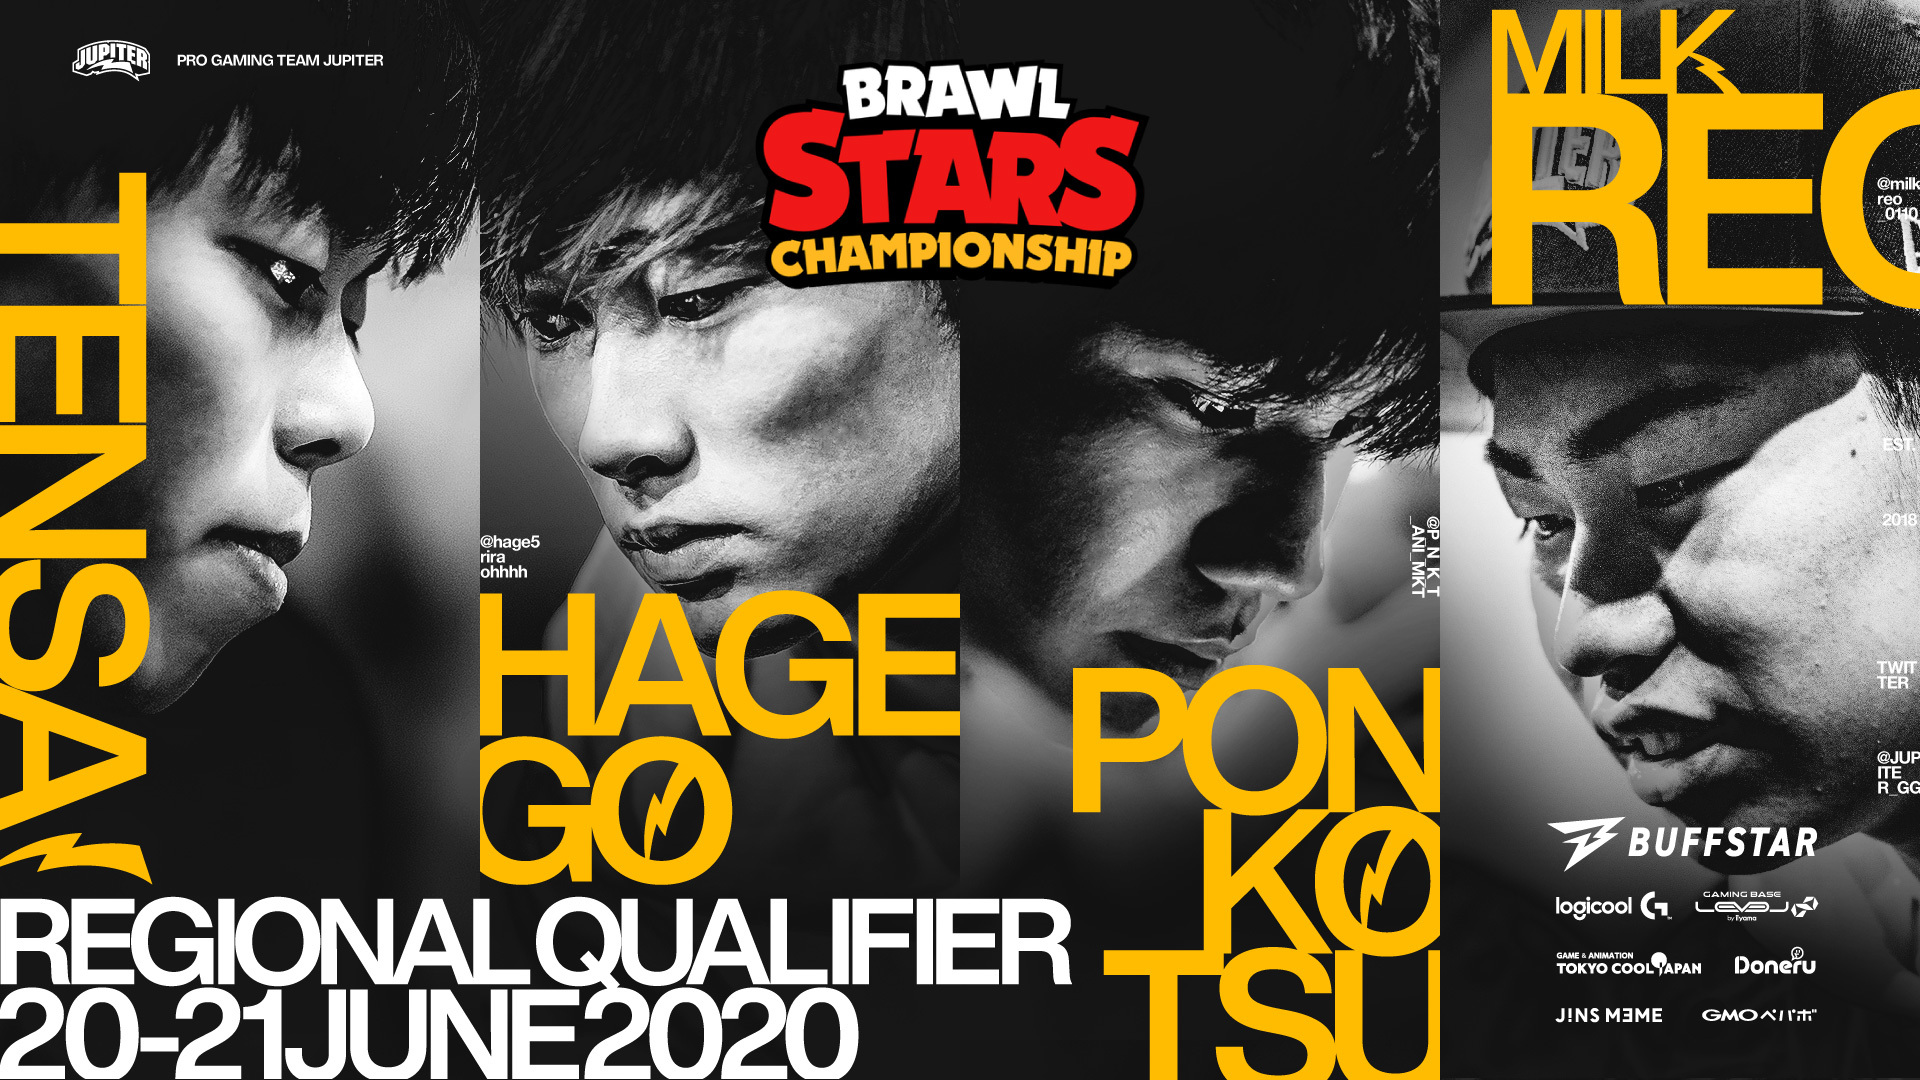 ブロスタ –  『Brawl Stars Championship』Regional Online Qualifier May Japan & APAC 結果報告 2位